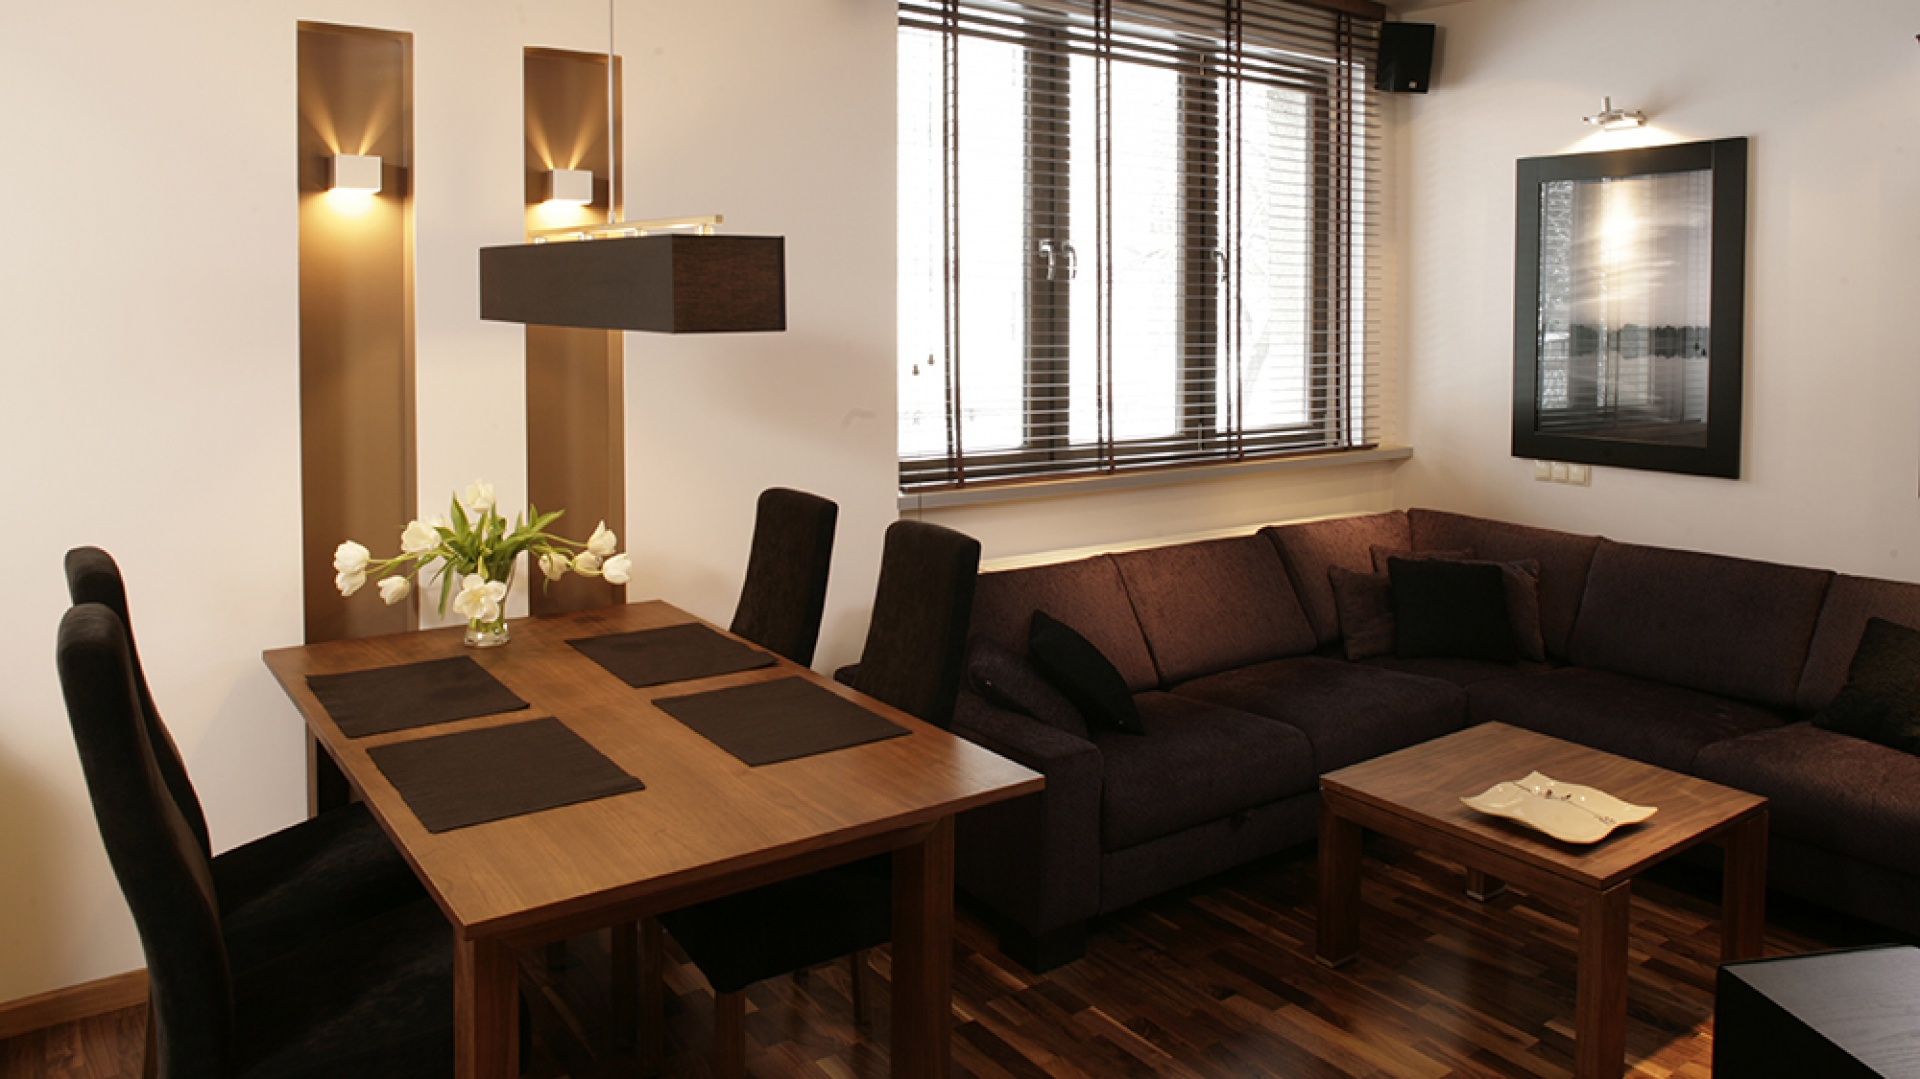 Kącik jadalniany symbolicznie wydzielają dwie podświetlane nisze (konstrukcja ukrywa elementy instalacji grzewczej). Stół oraz stolik kawowy są z drewna orzecha. Dobrano do nich czarną lampę wiszącą i krzesła w tym samym kolorze oraz czekoladową sofę (Mebelplast). Fot. Bartosz Jarosz.